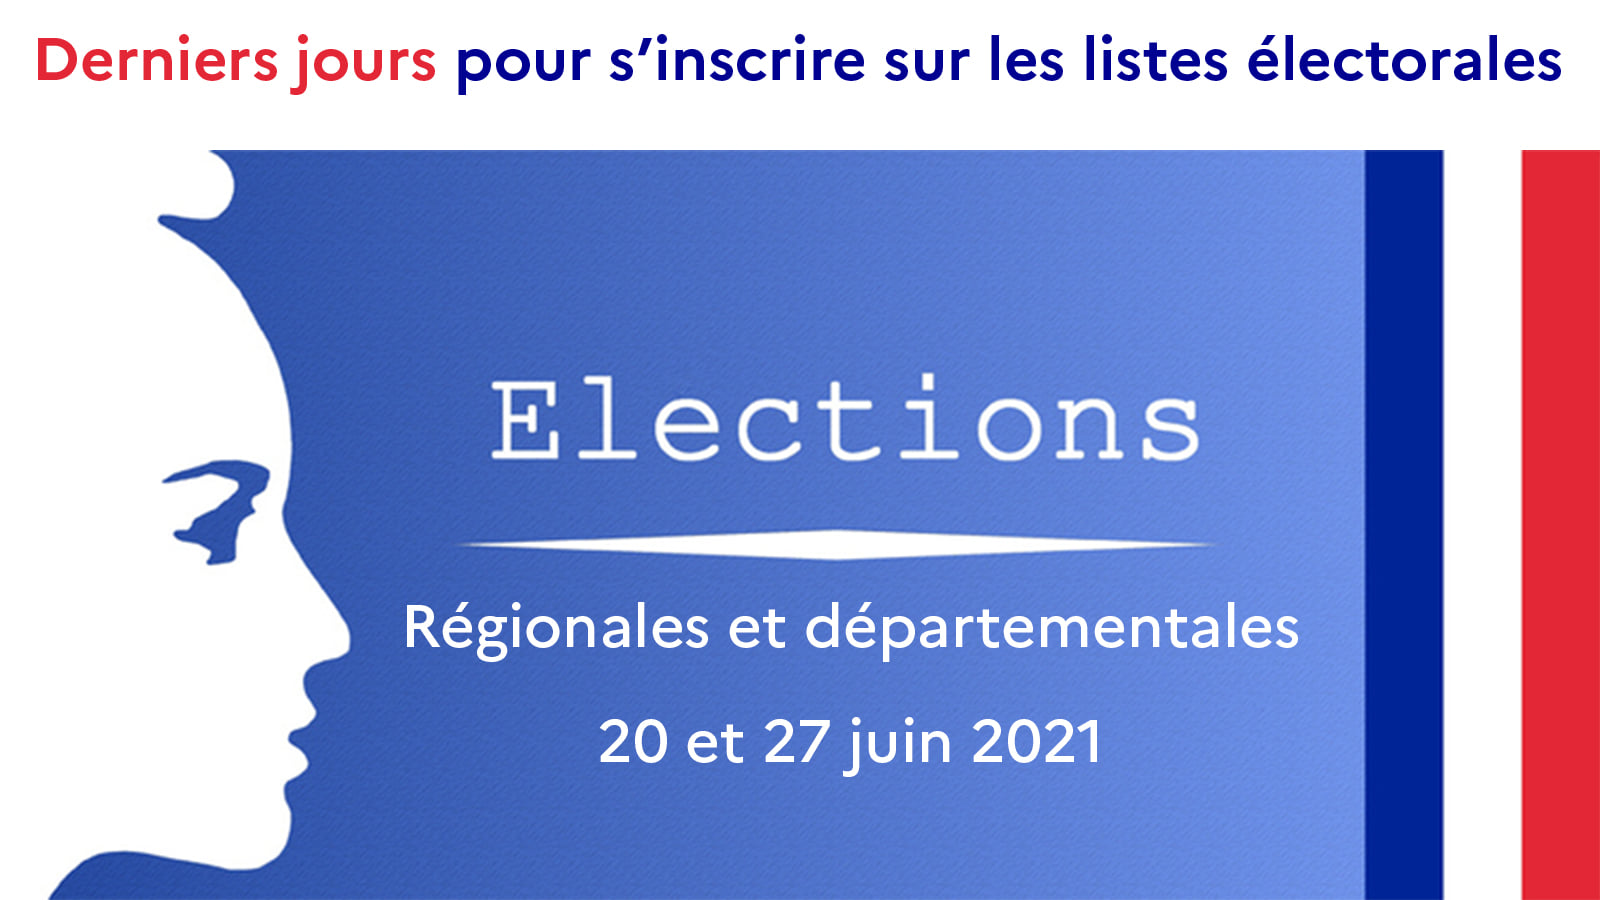 inscriptions sur les listes électorales.jpg